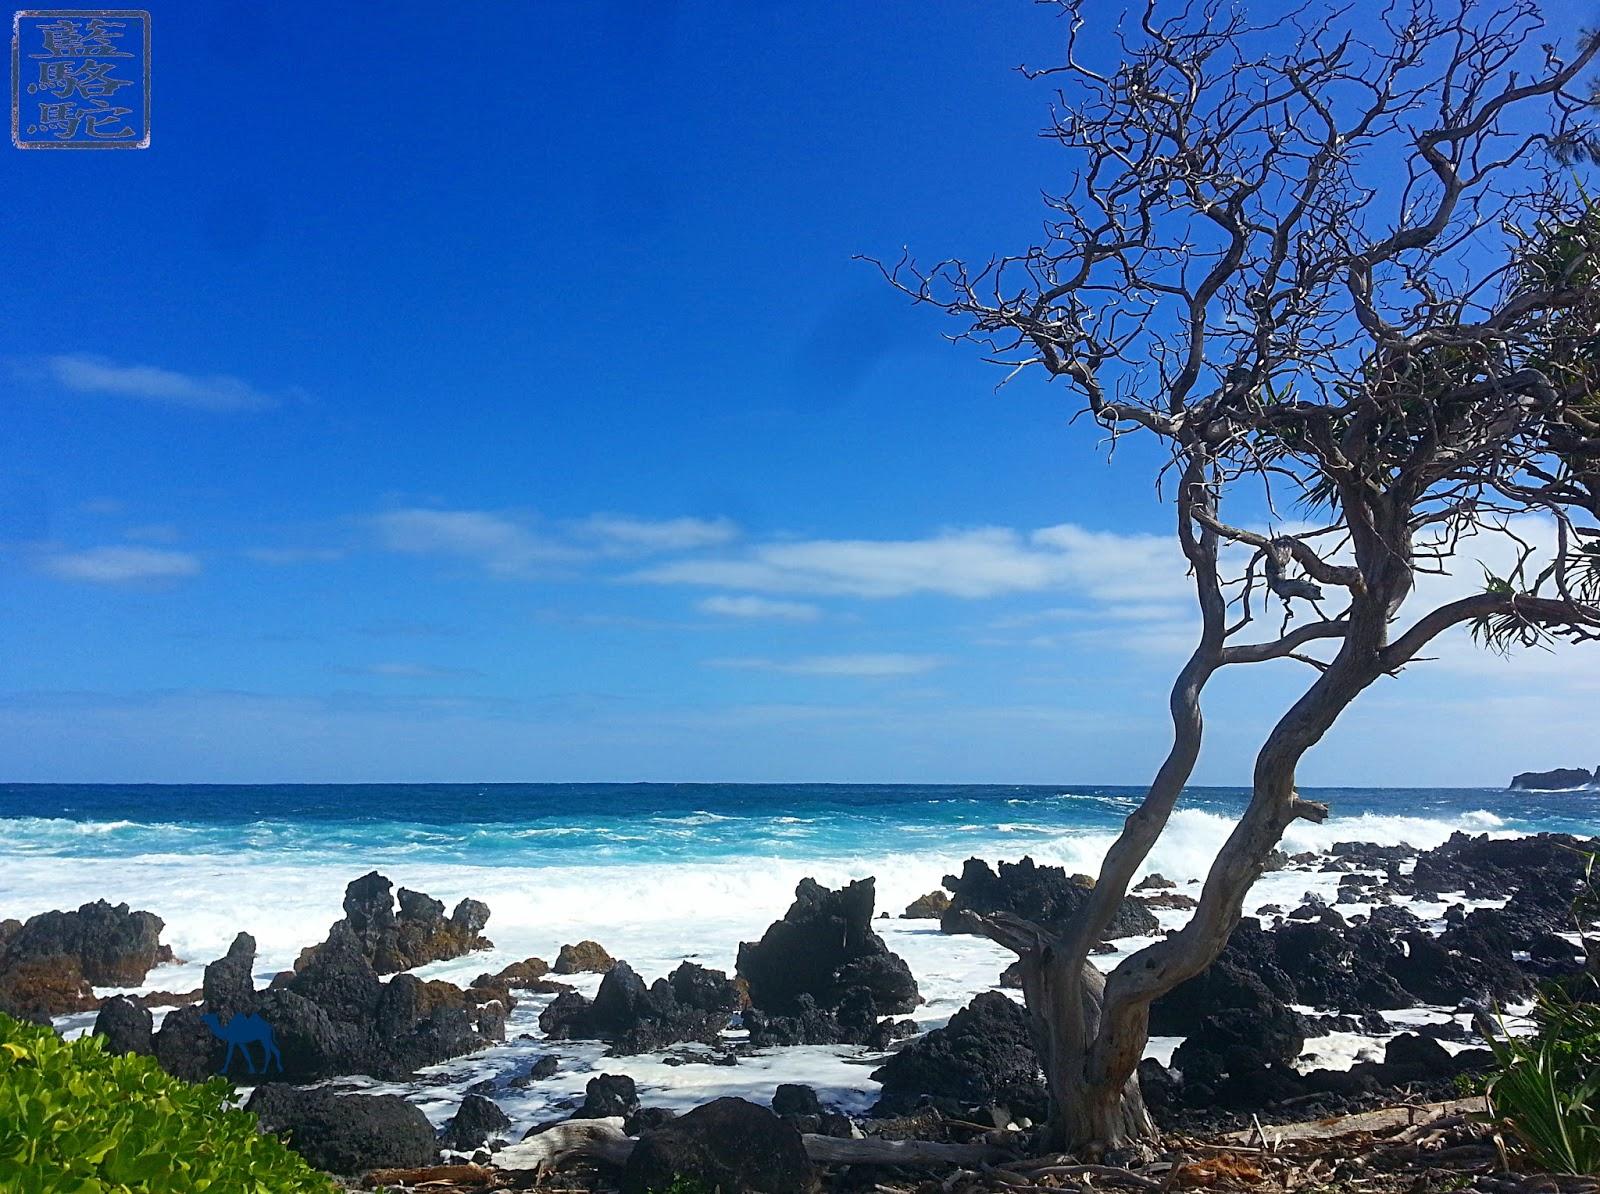 Le Chameau Bleu - Blog Voyage Hawaii - Photo Maui - plage d'hawaii